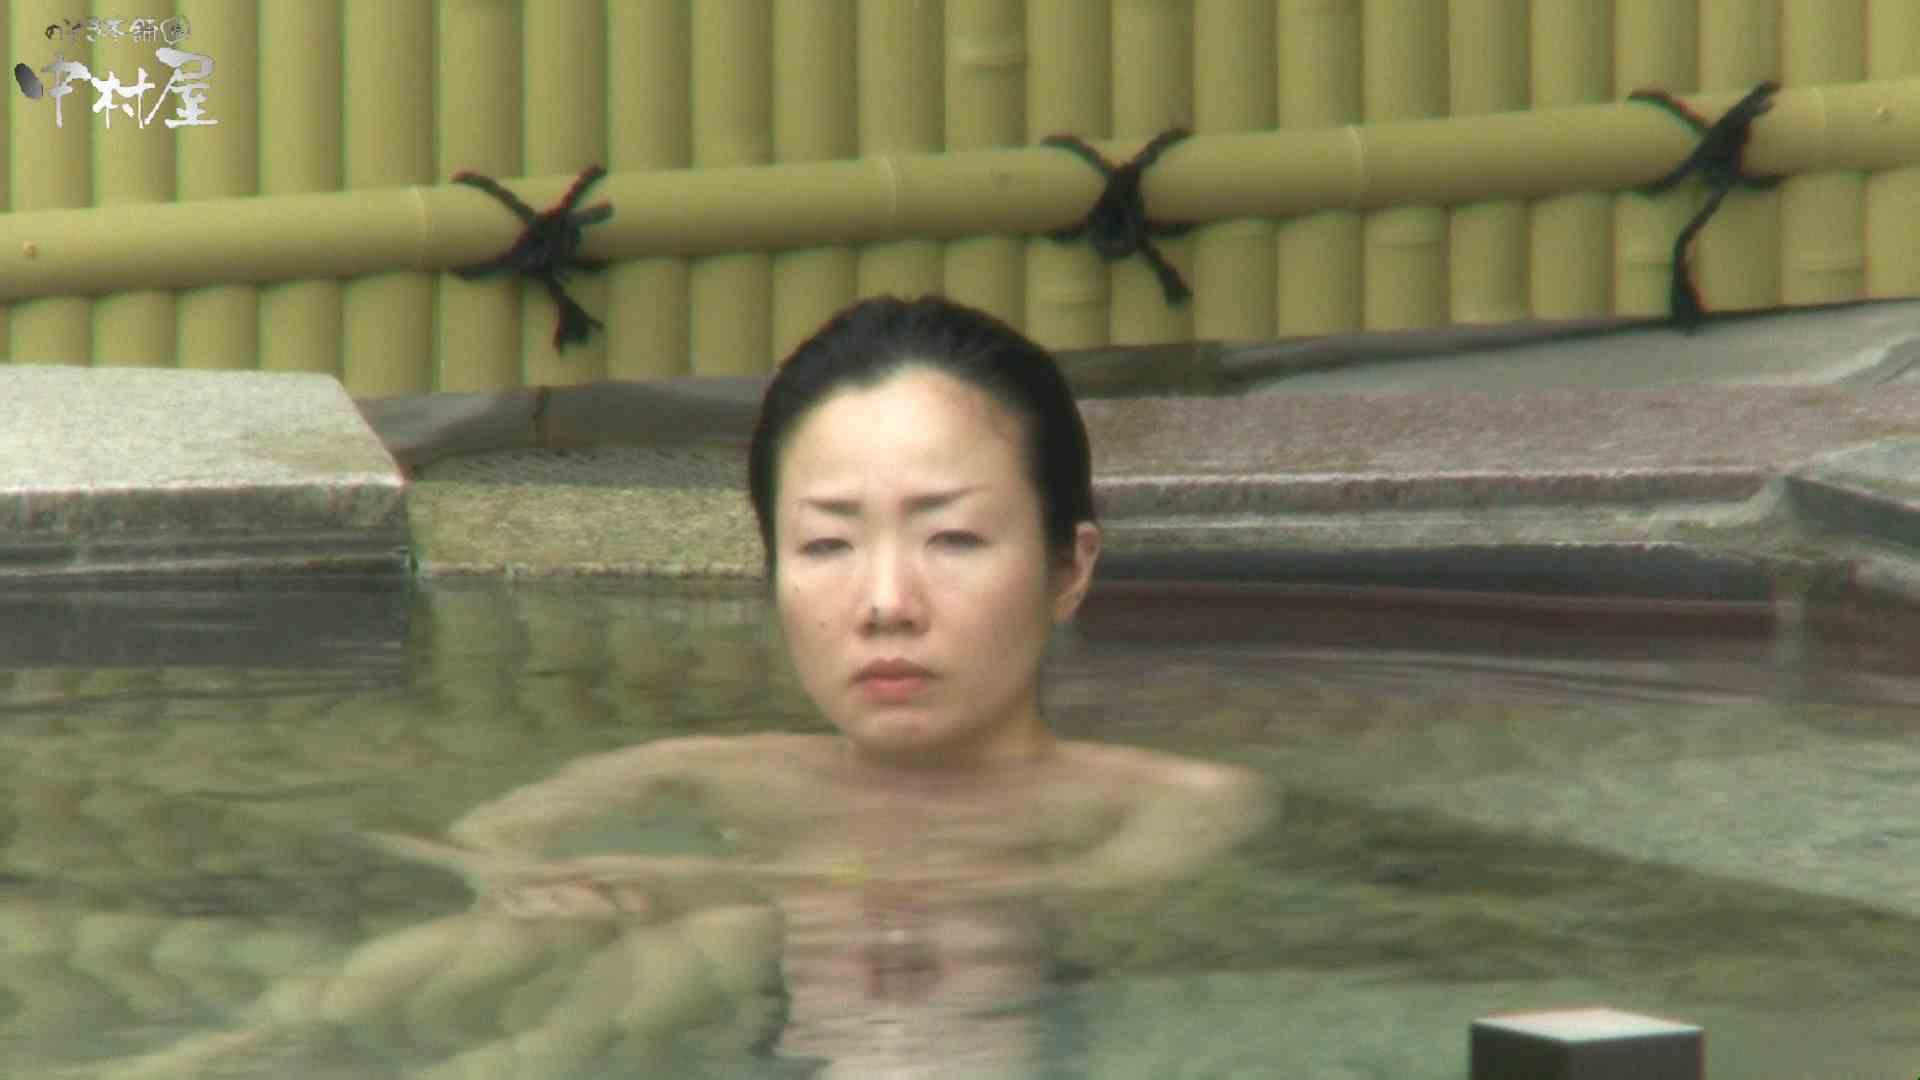 Aquaな露天風呂Vol.950 露天 | 盗撮  61画像 22